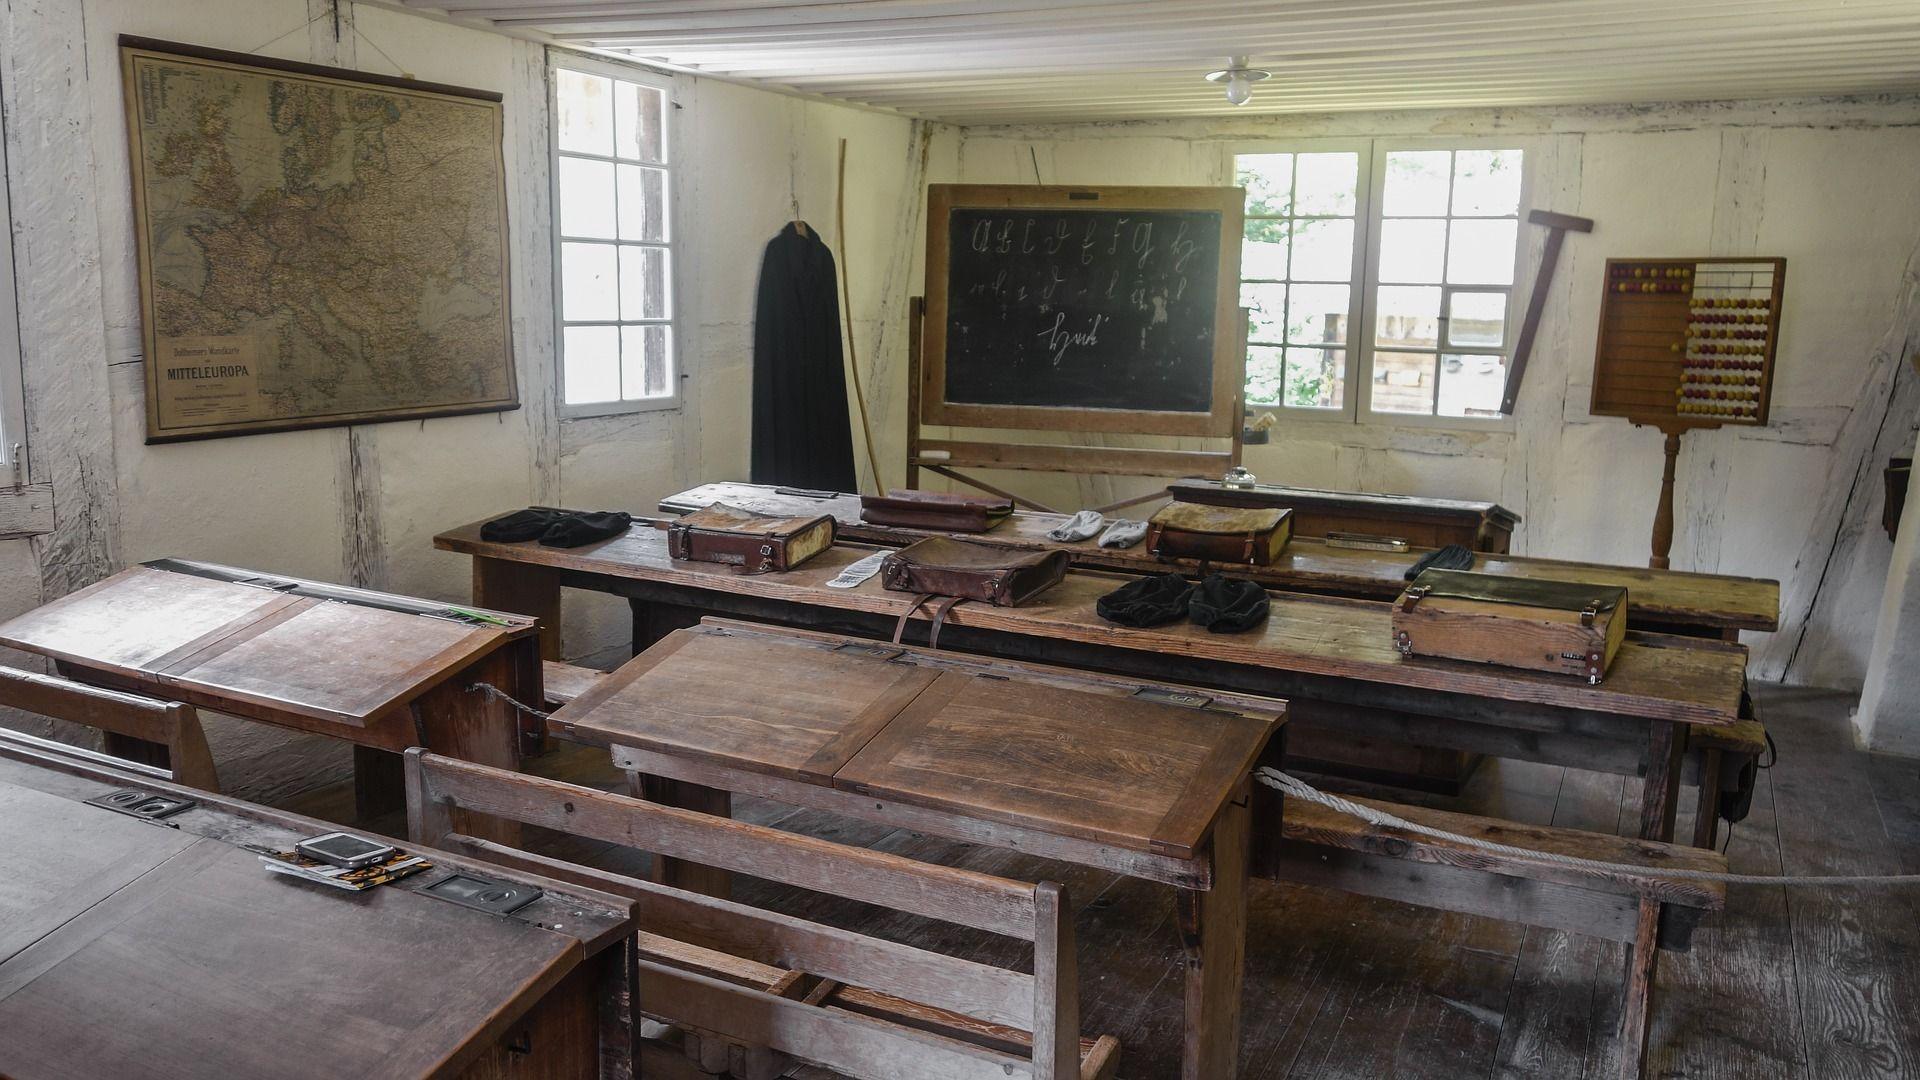 La evolución del mobiliario escolar en las aulas